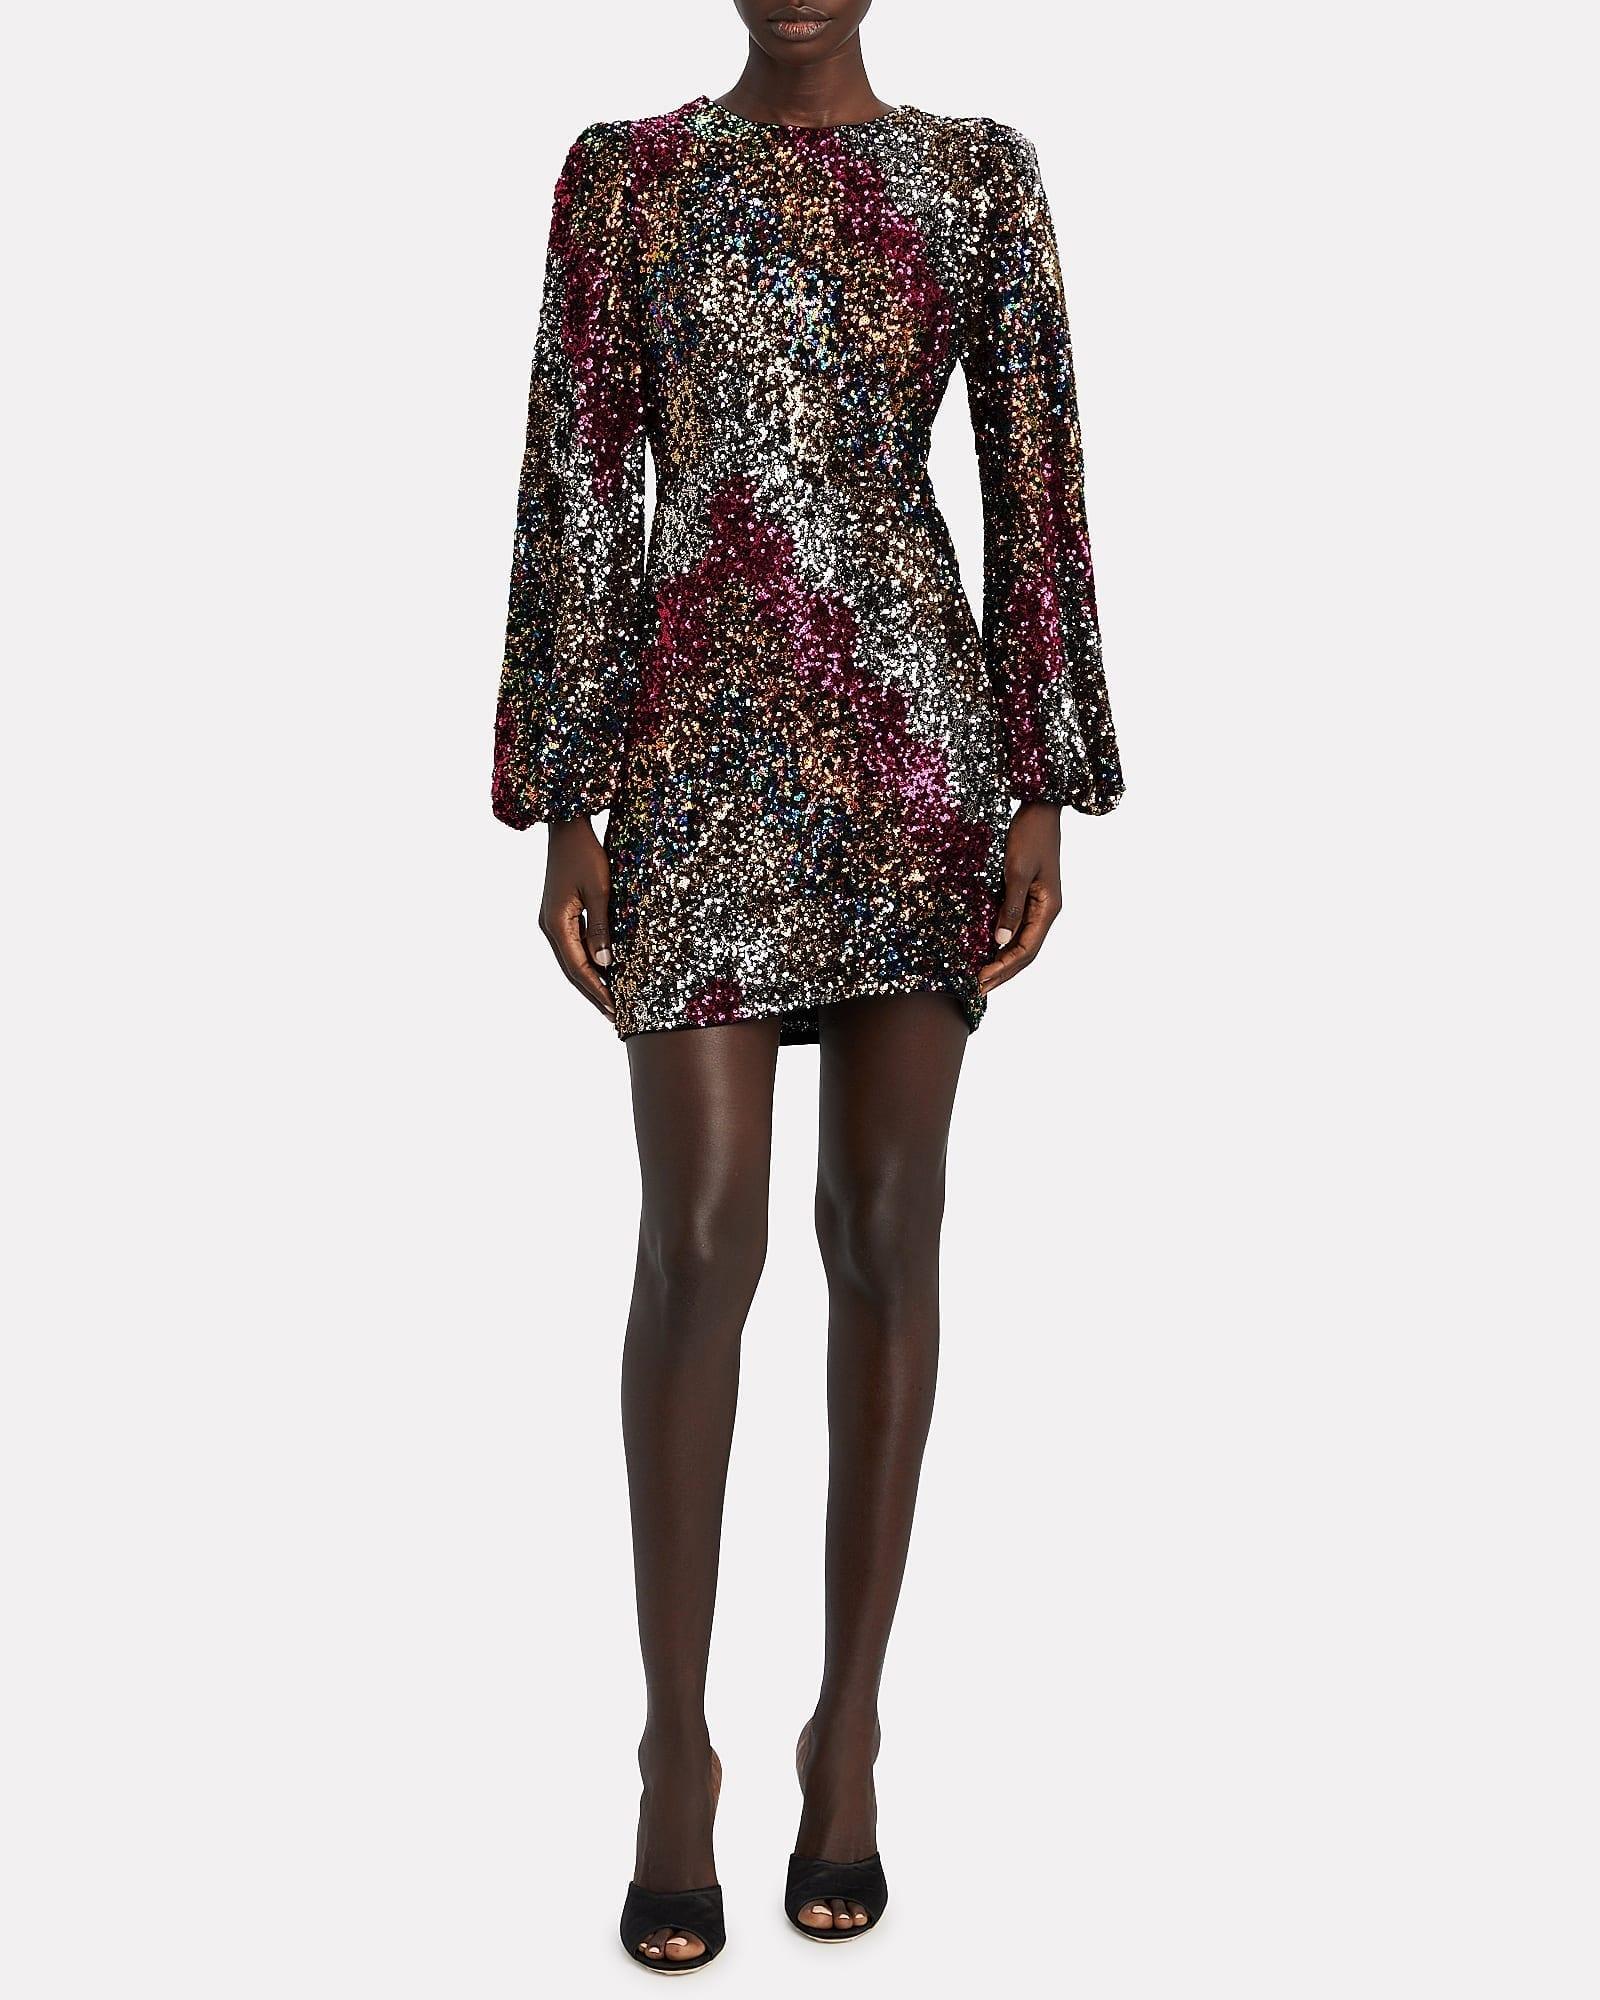 SAYLOR Alessandra Sequinned Mini Dress